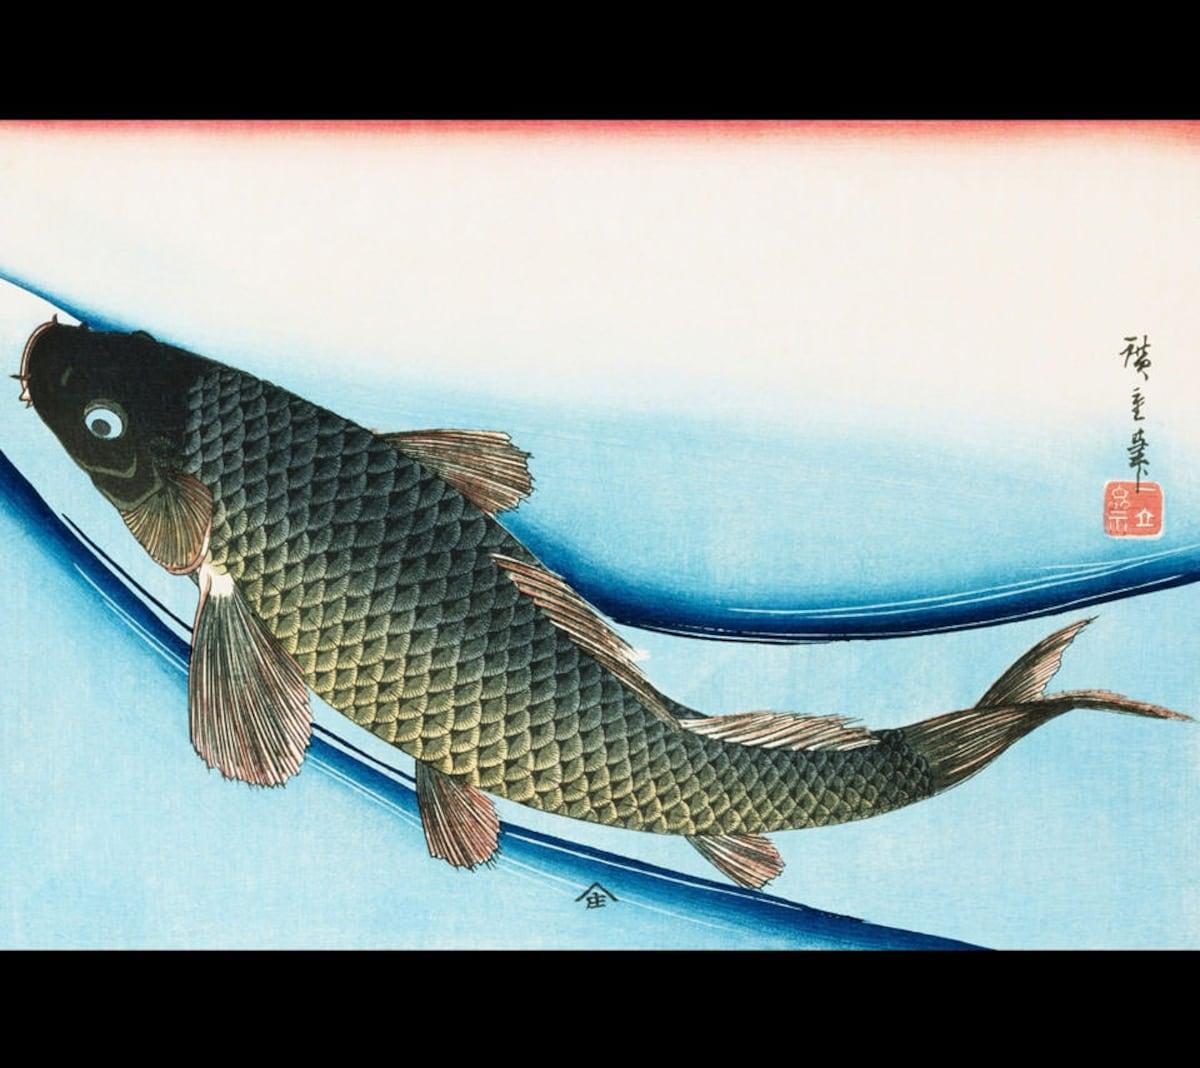 9. ปลาคาร์ป